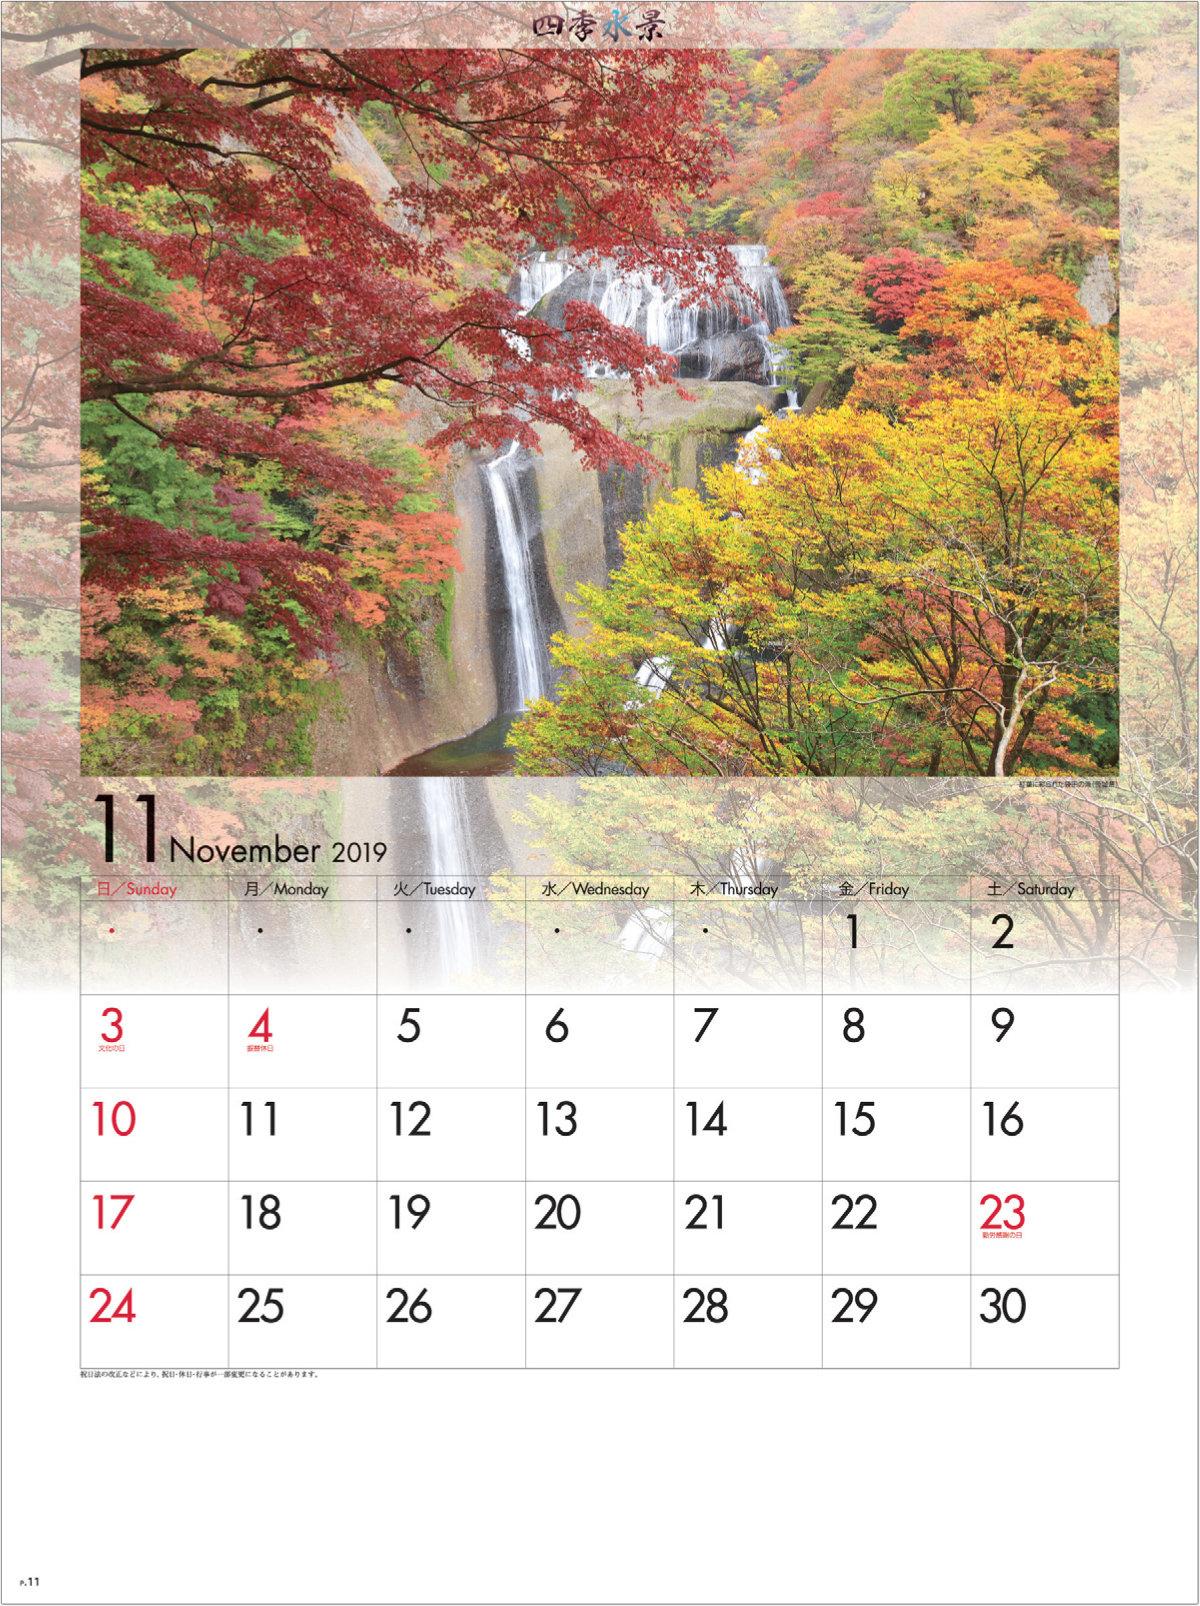 画像:茨城県 袋田の滝の紅葉 四季水景 2019年カレンダー